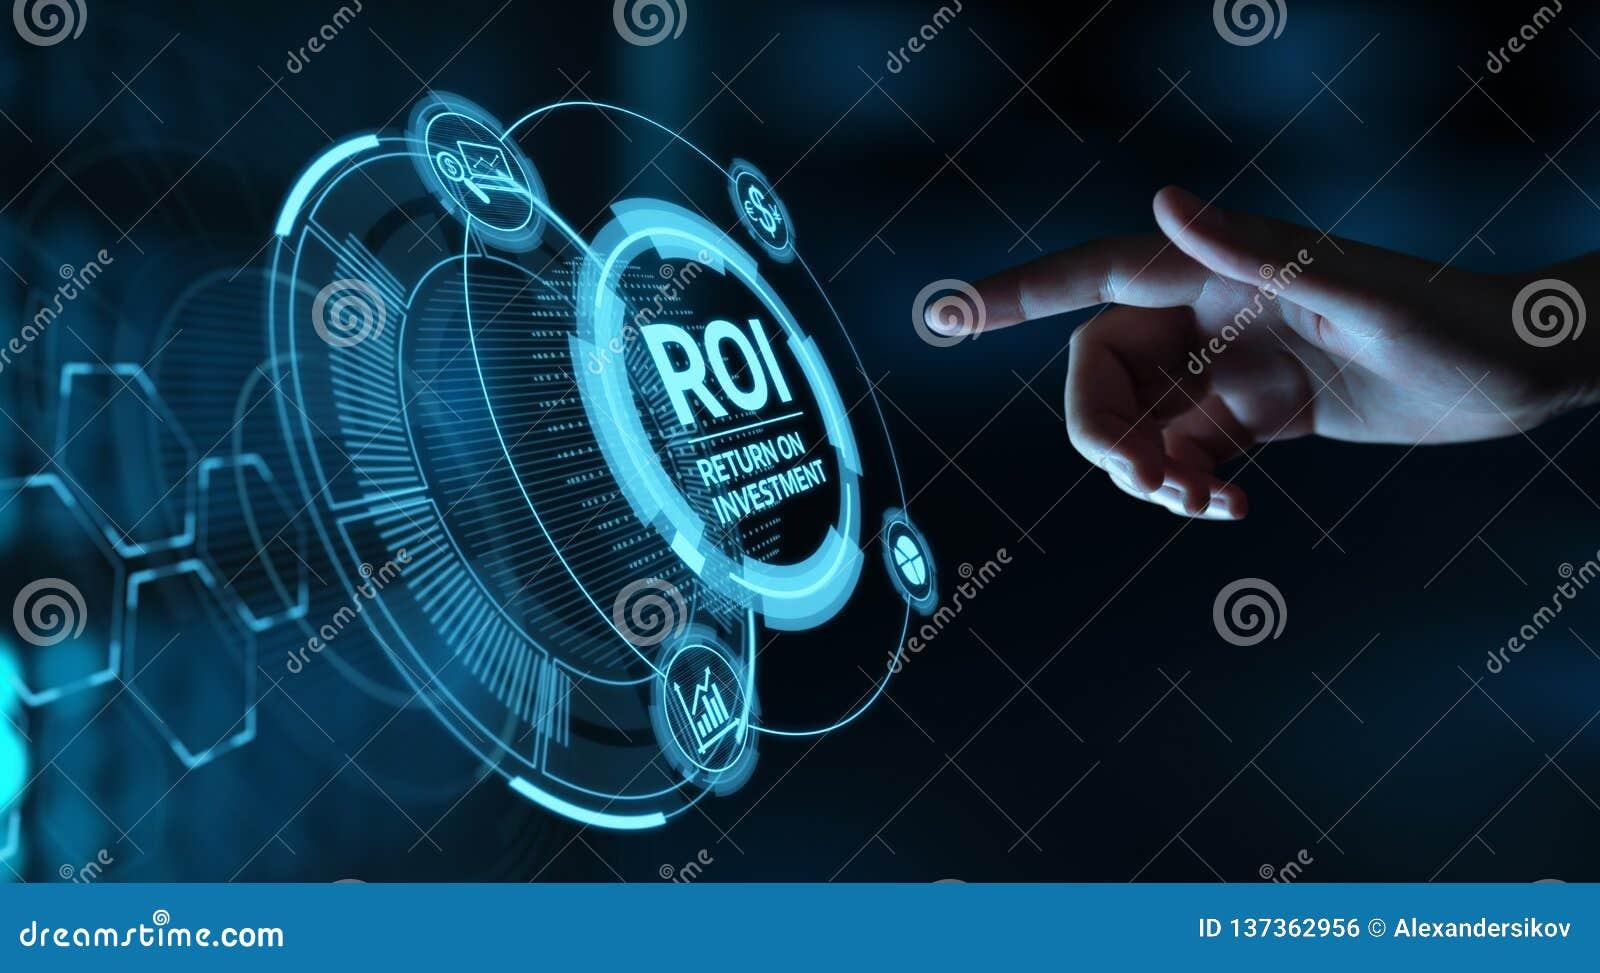 财务赢利成功互联网企业技术概念的ROI回收投资